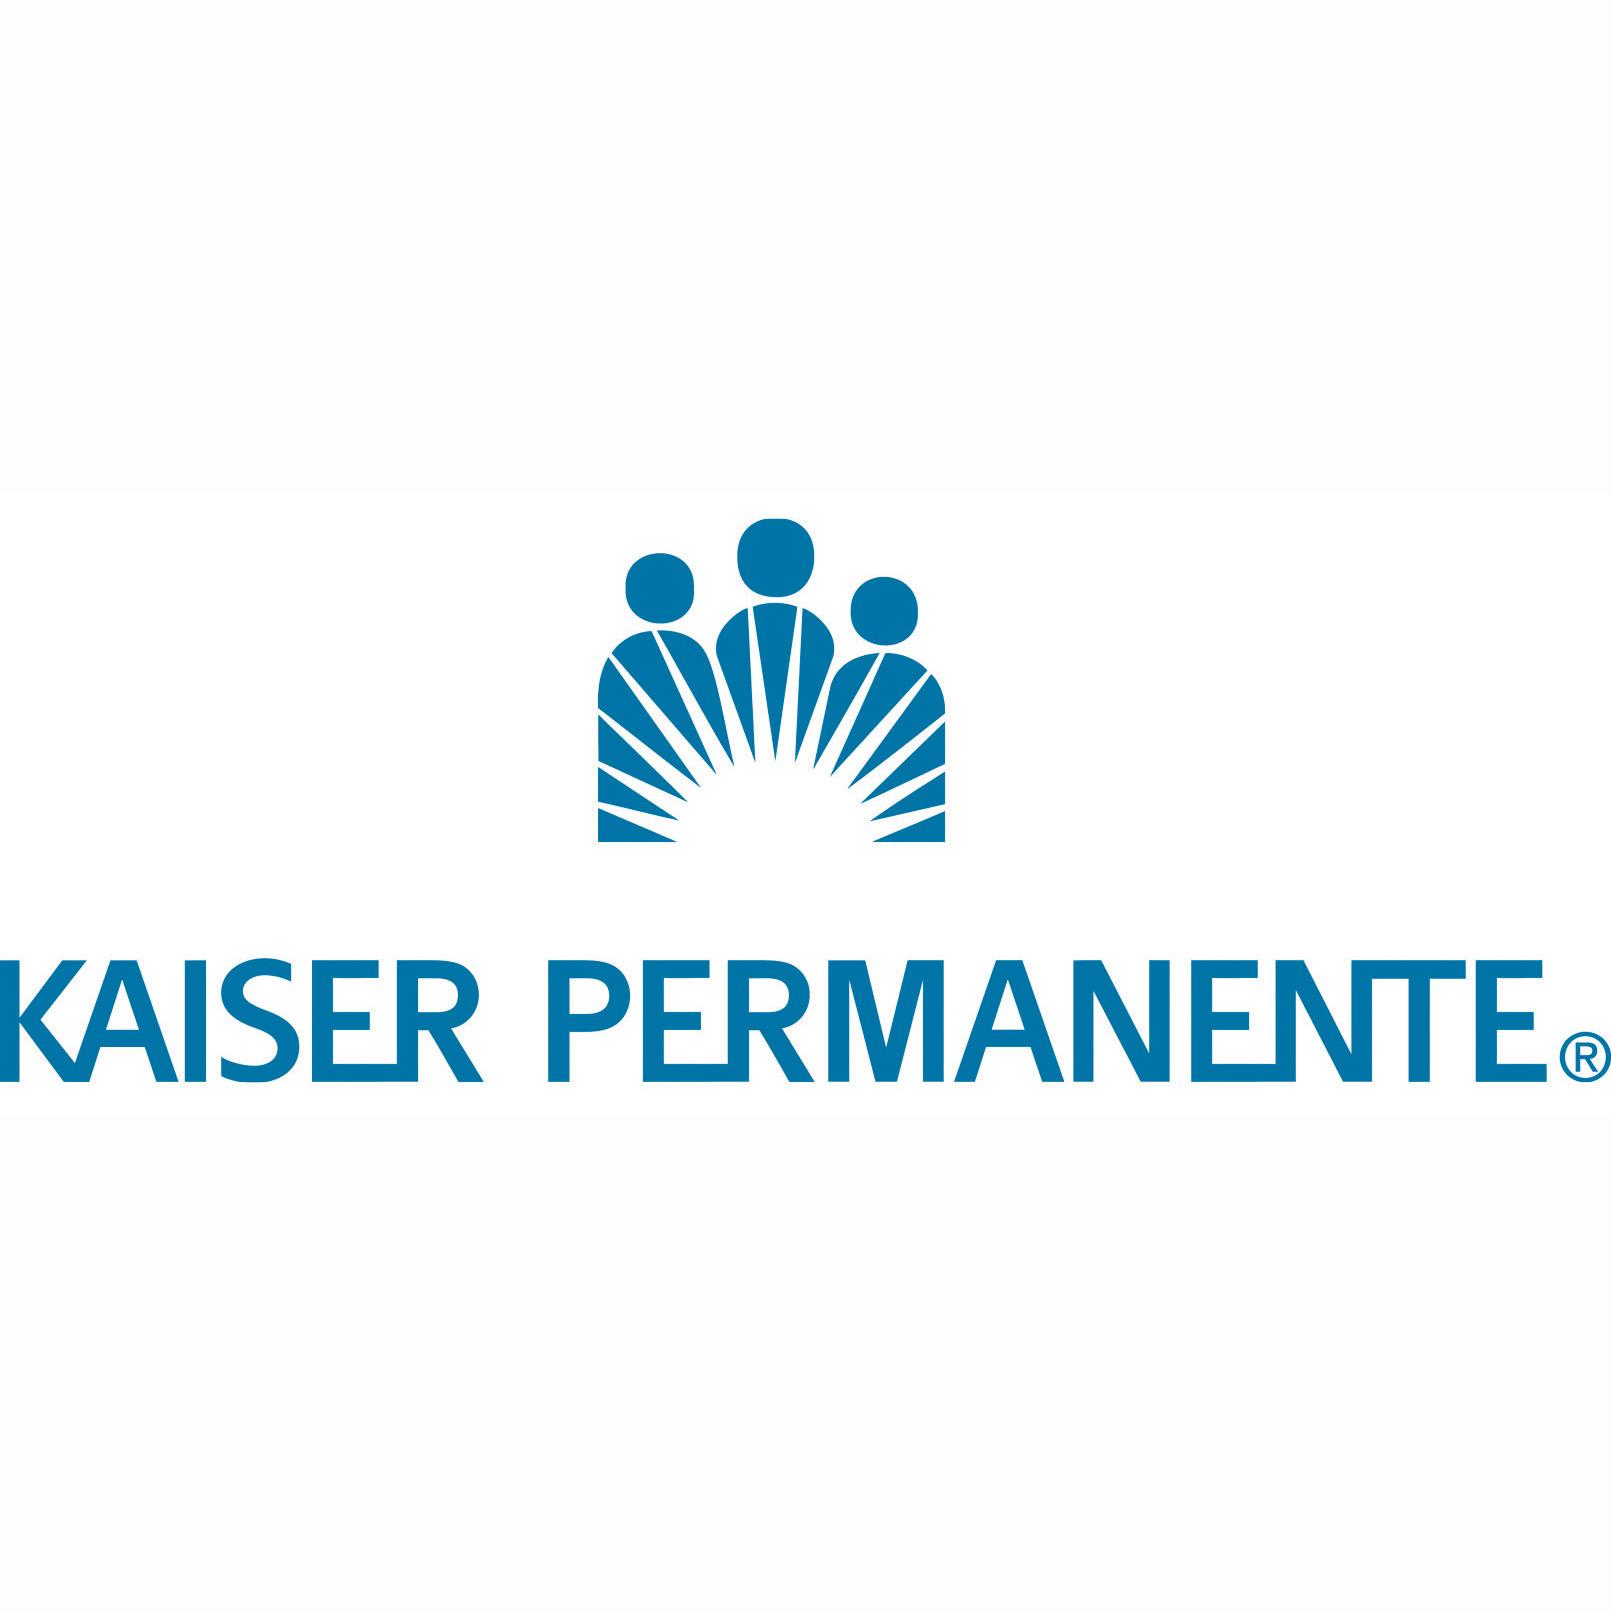 DA - Kaiser Permanente logo